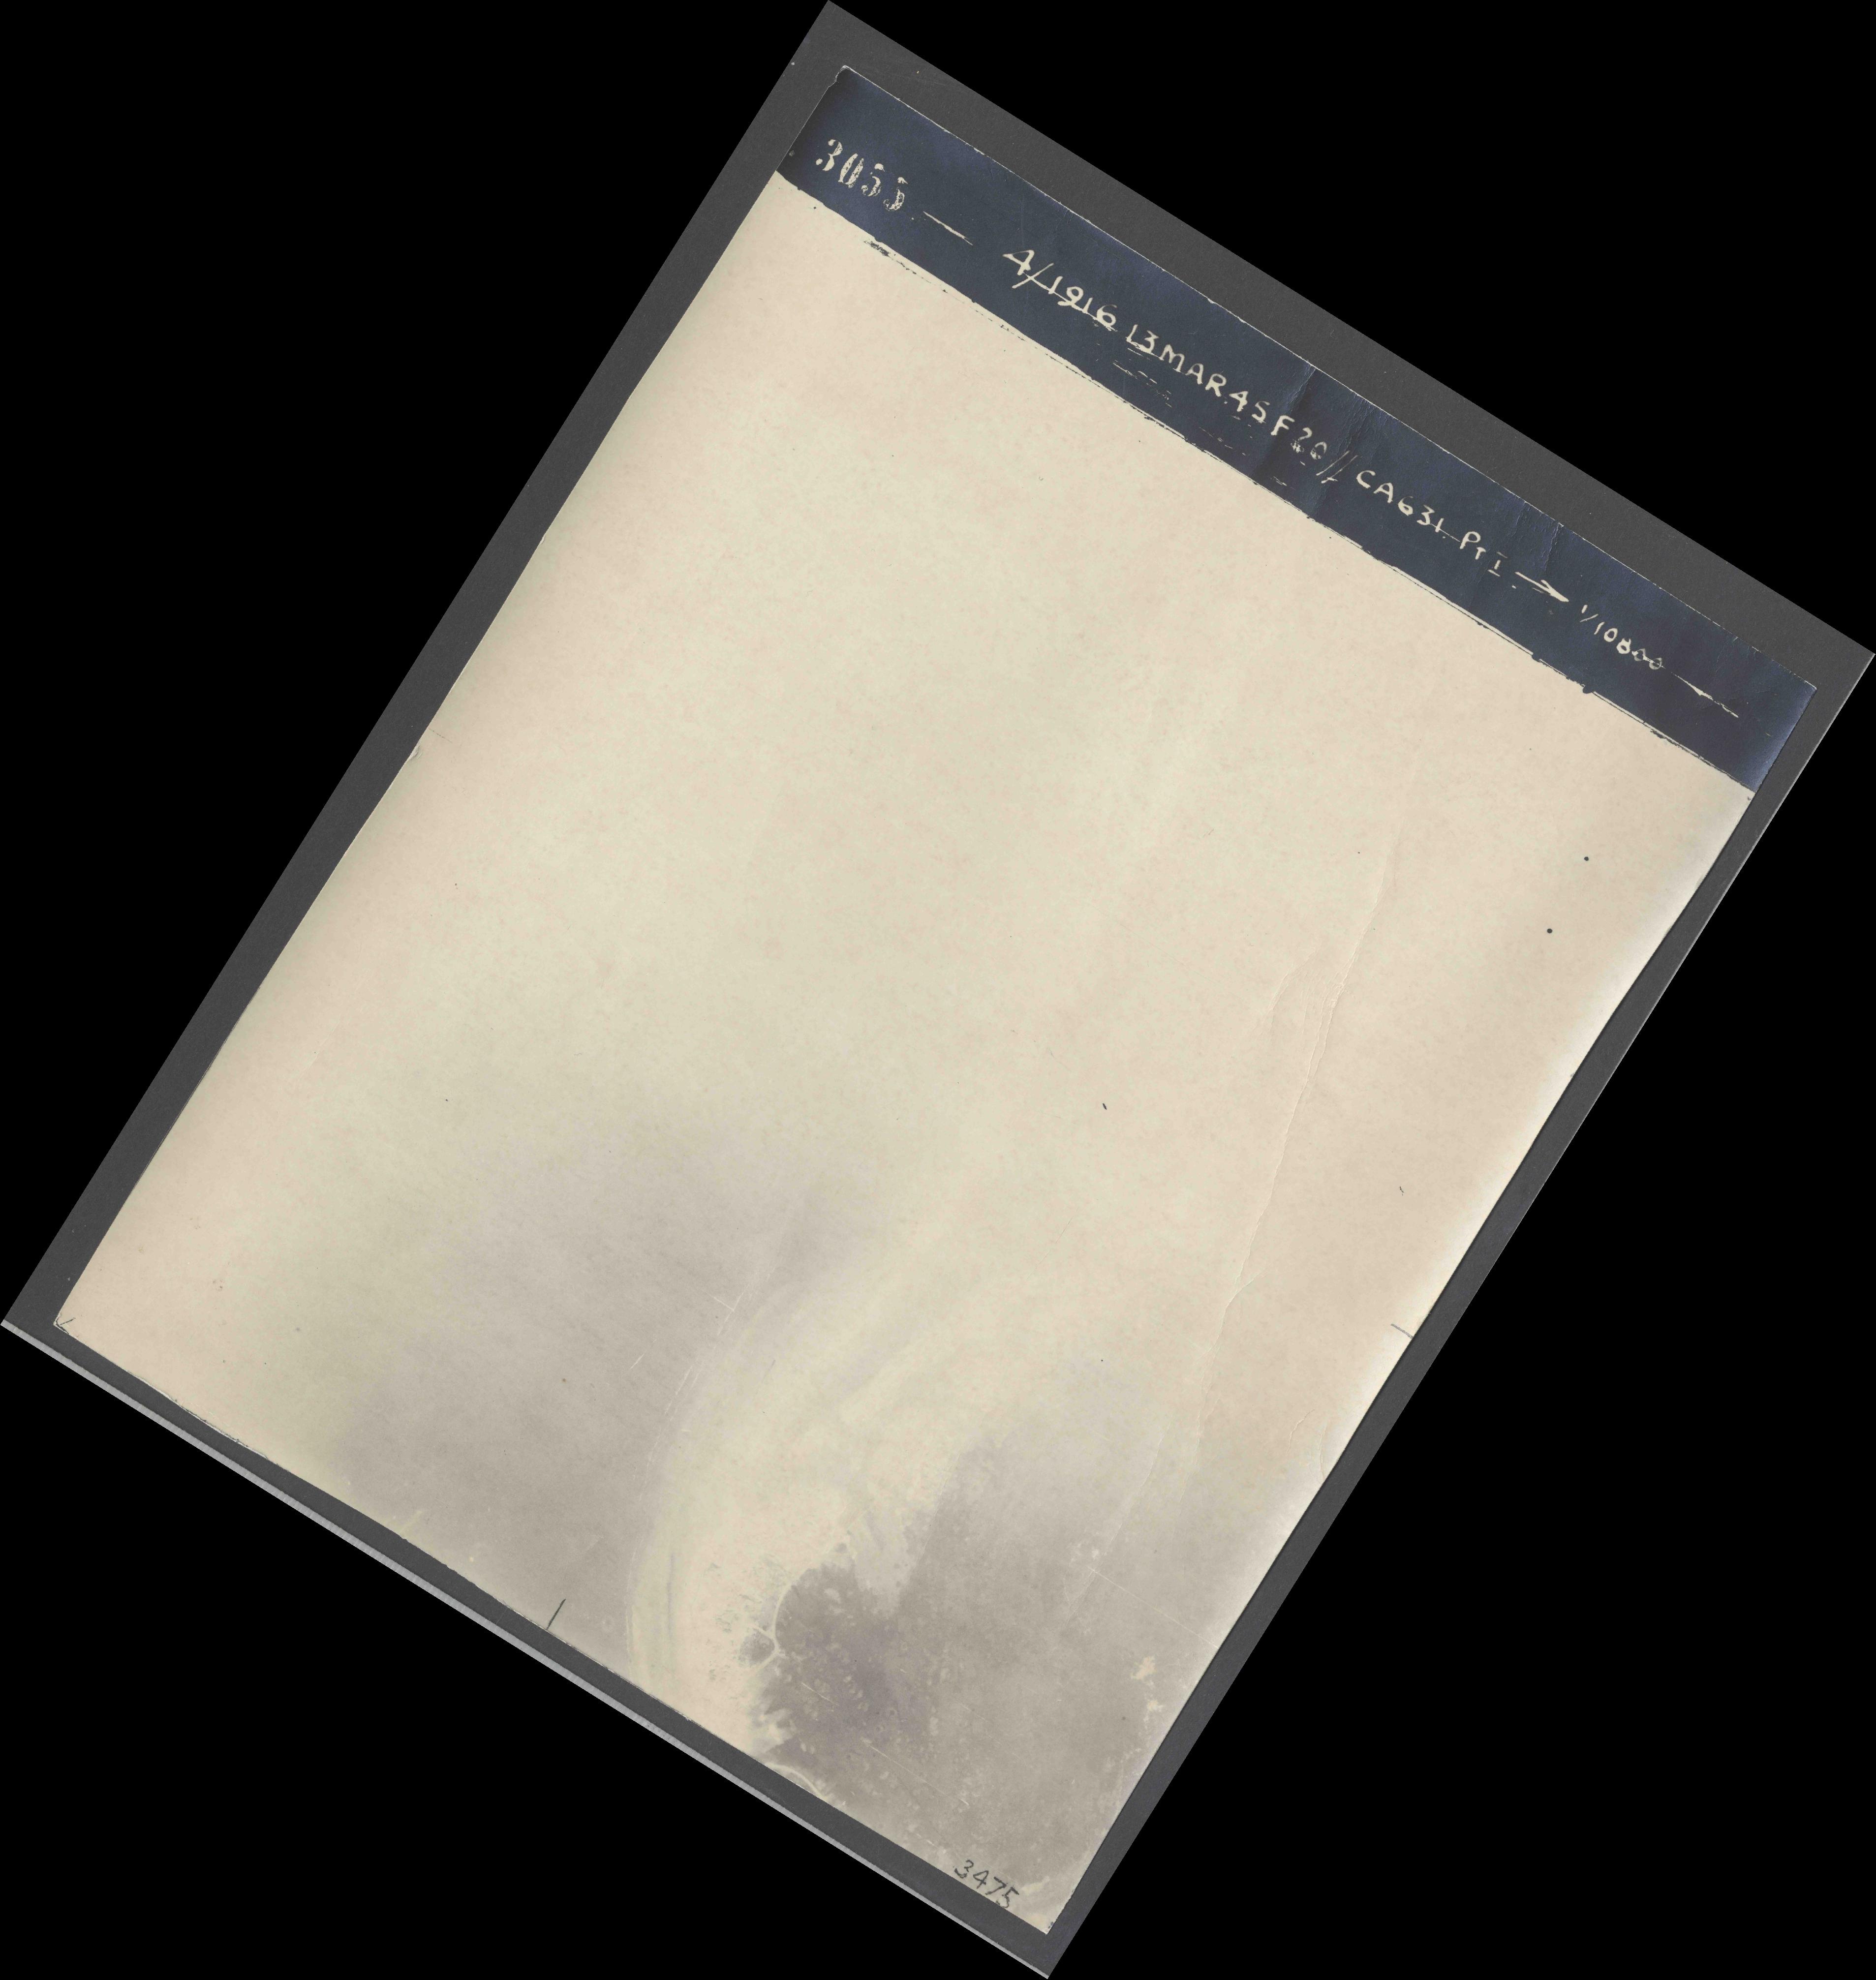 Collection RAF aerial photos 1940-1945 - flight 085, run 01, photo 3055